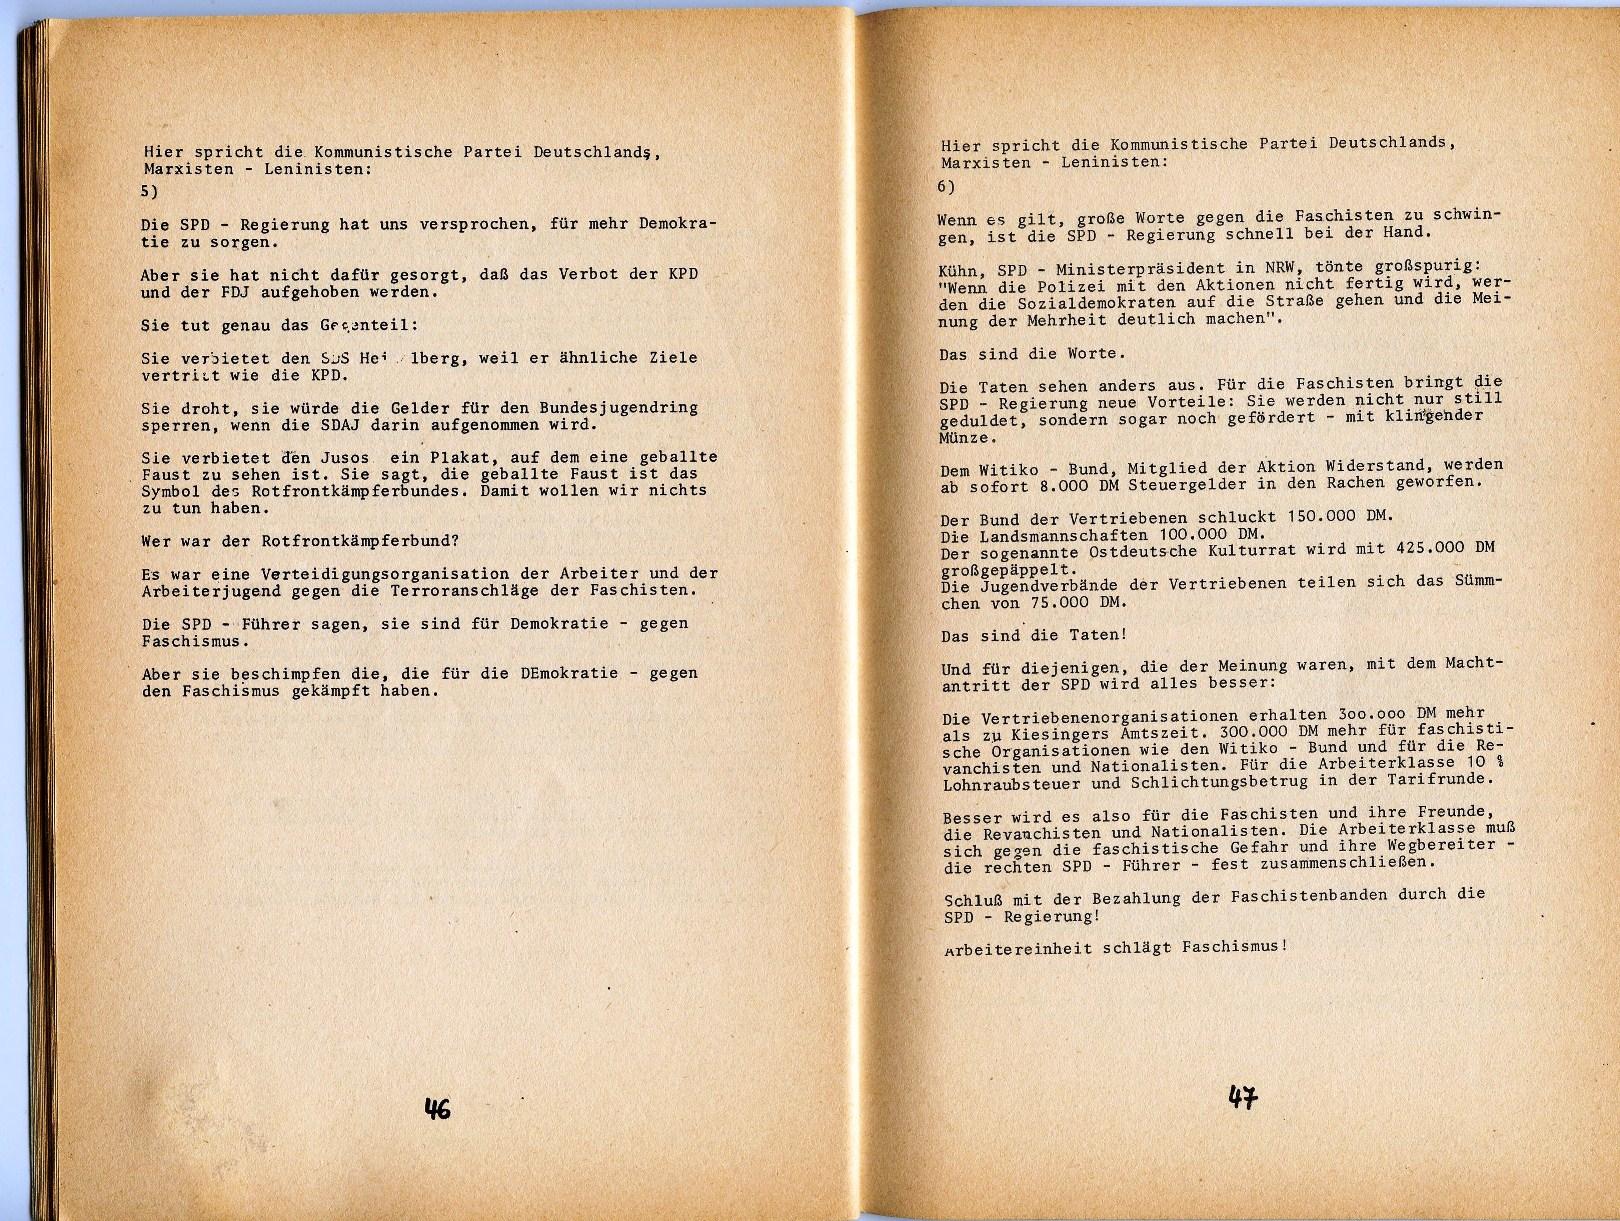 ZB_Parteiarbeiter_1971_Sondernummer_25